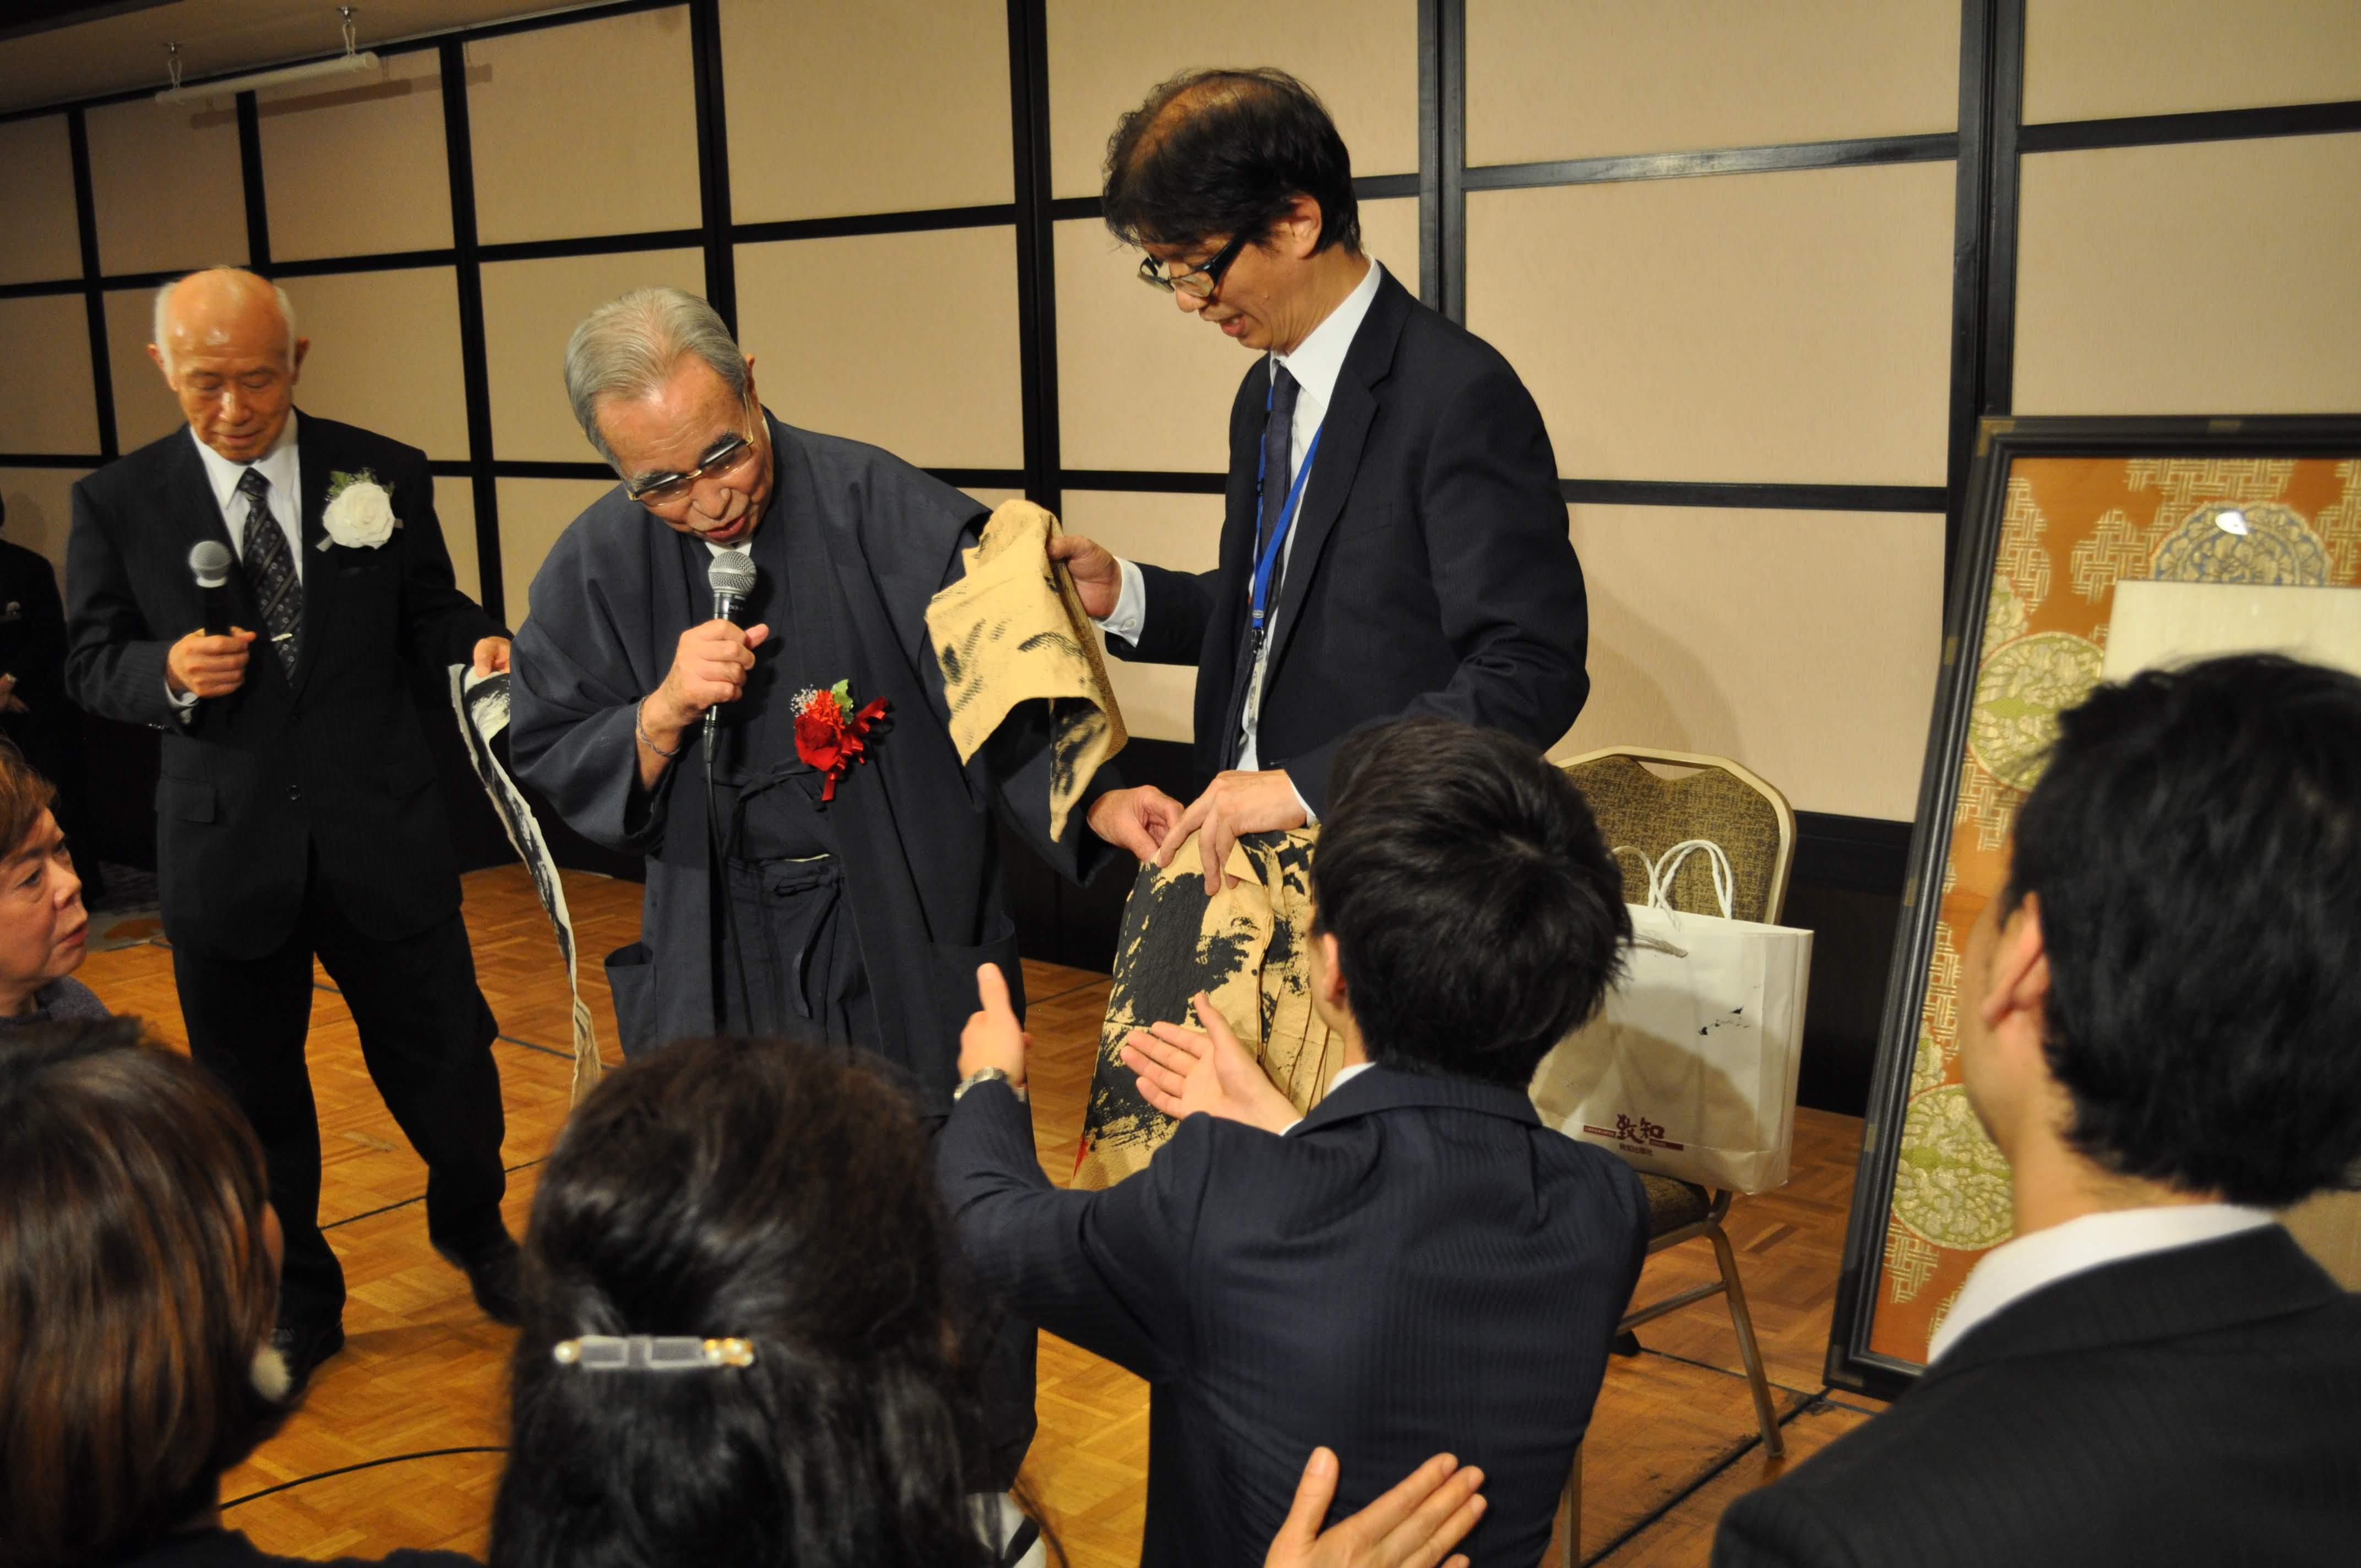 DSC 0594 1 - 思風会全国大会in広島